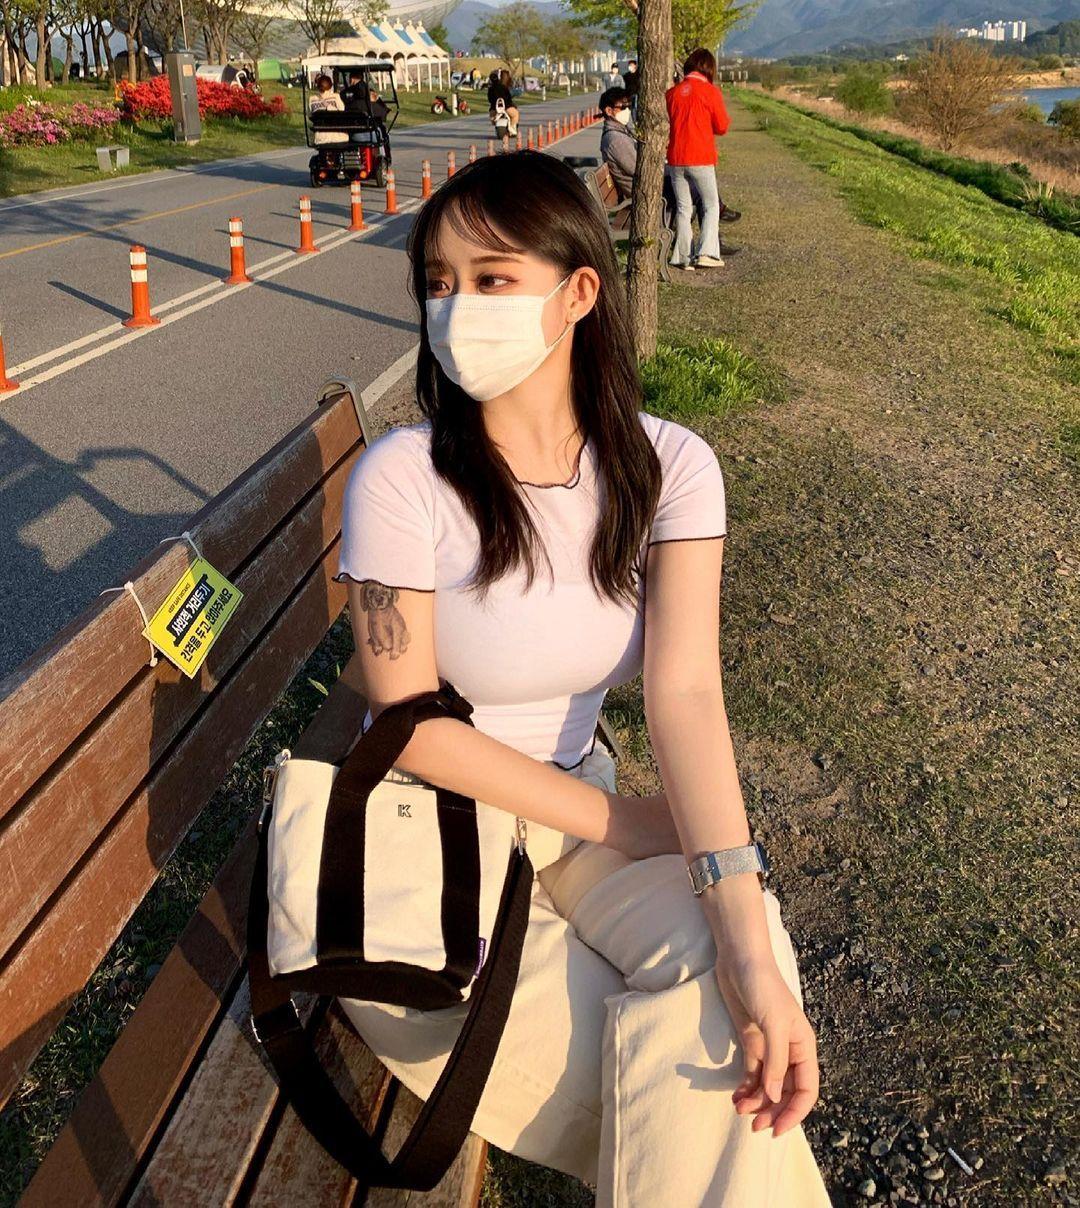 公车亭遇超气质女孩天菜高颜值好甜美IG散发满满迷人魅力 养眼图片 第8张